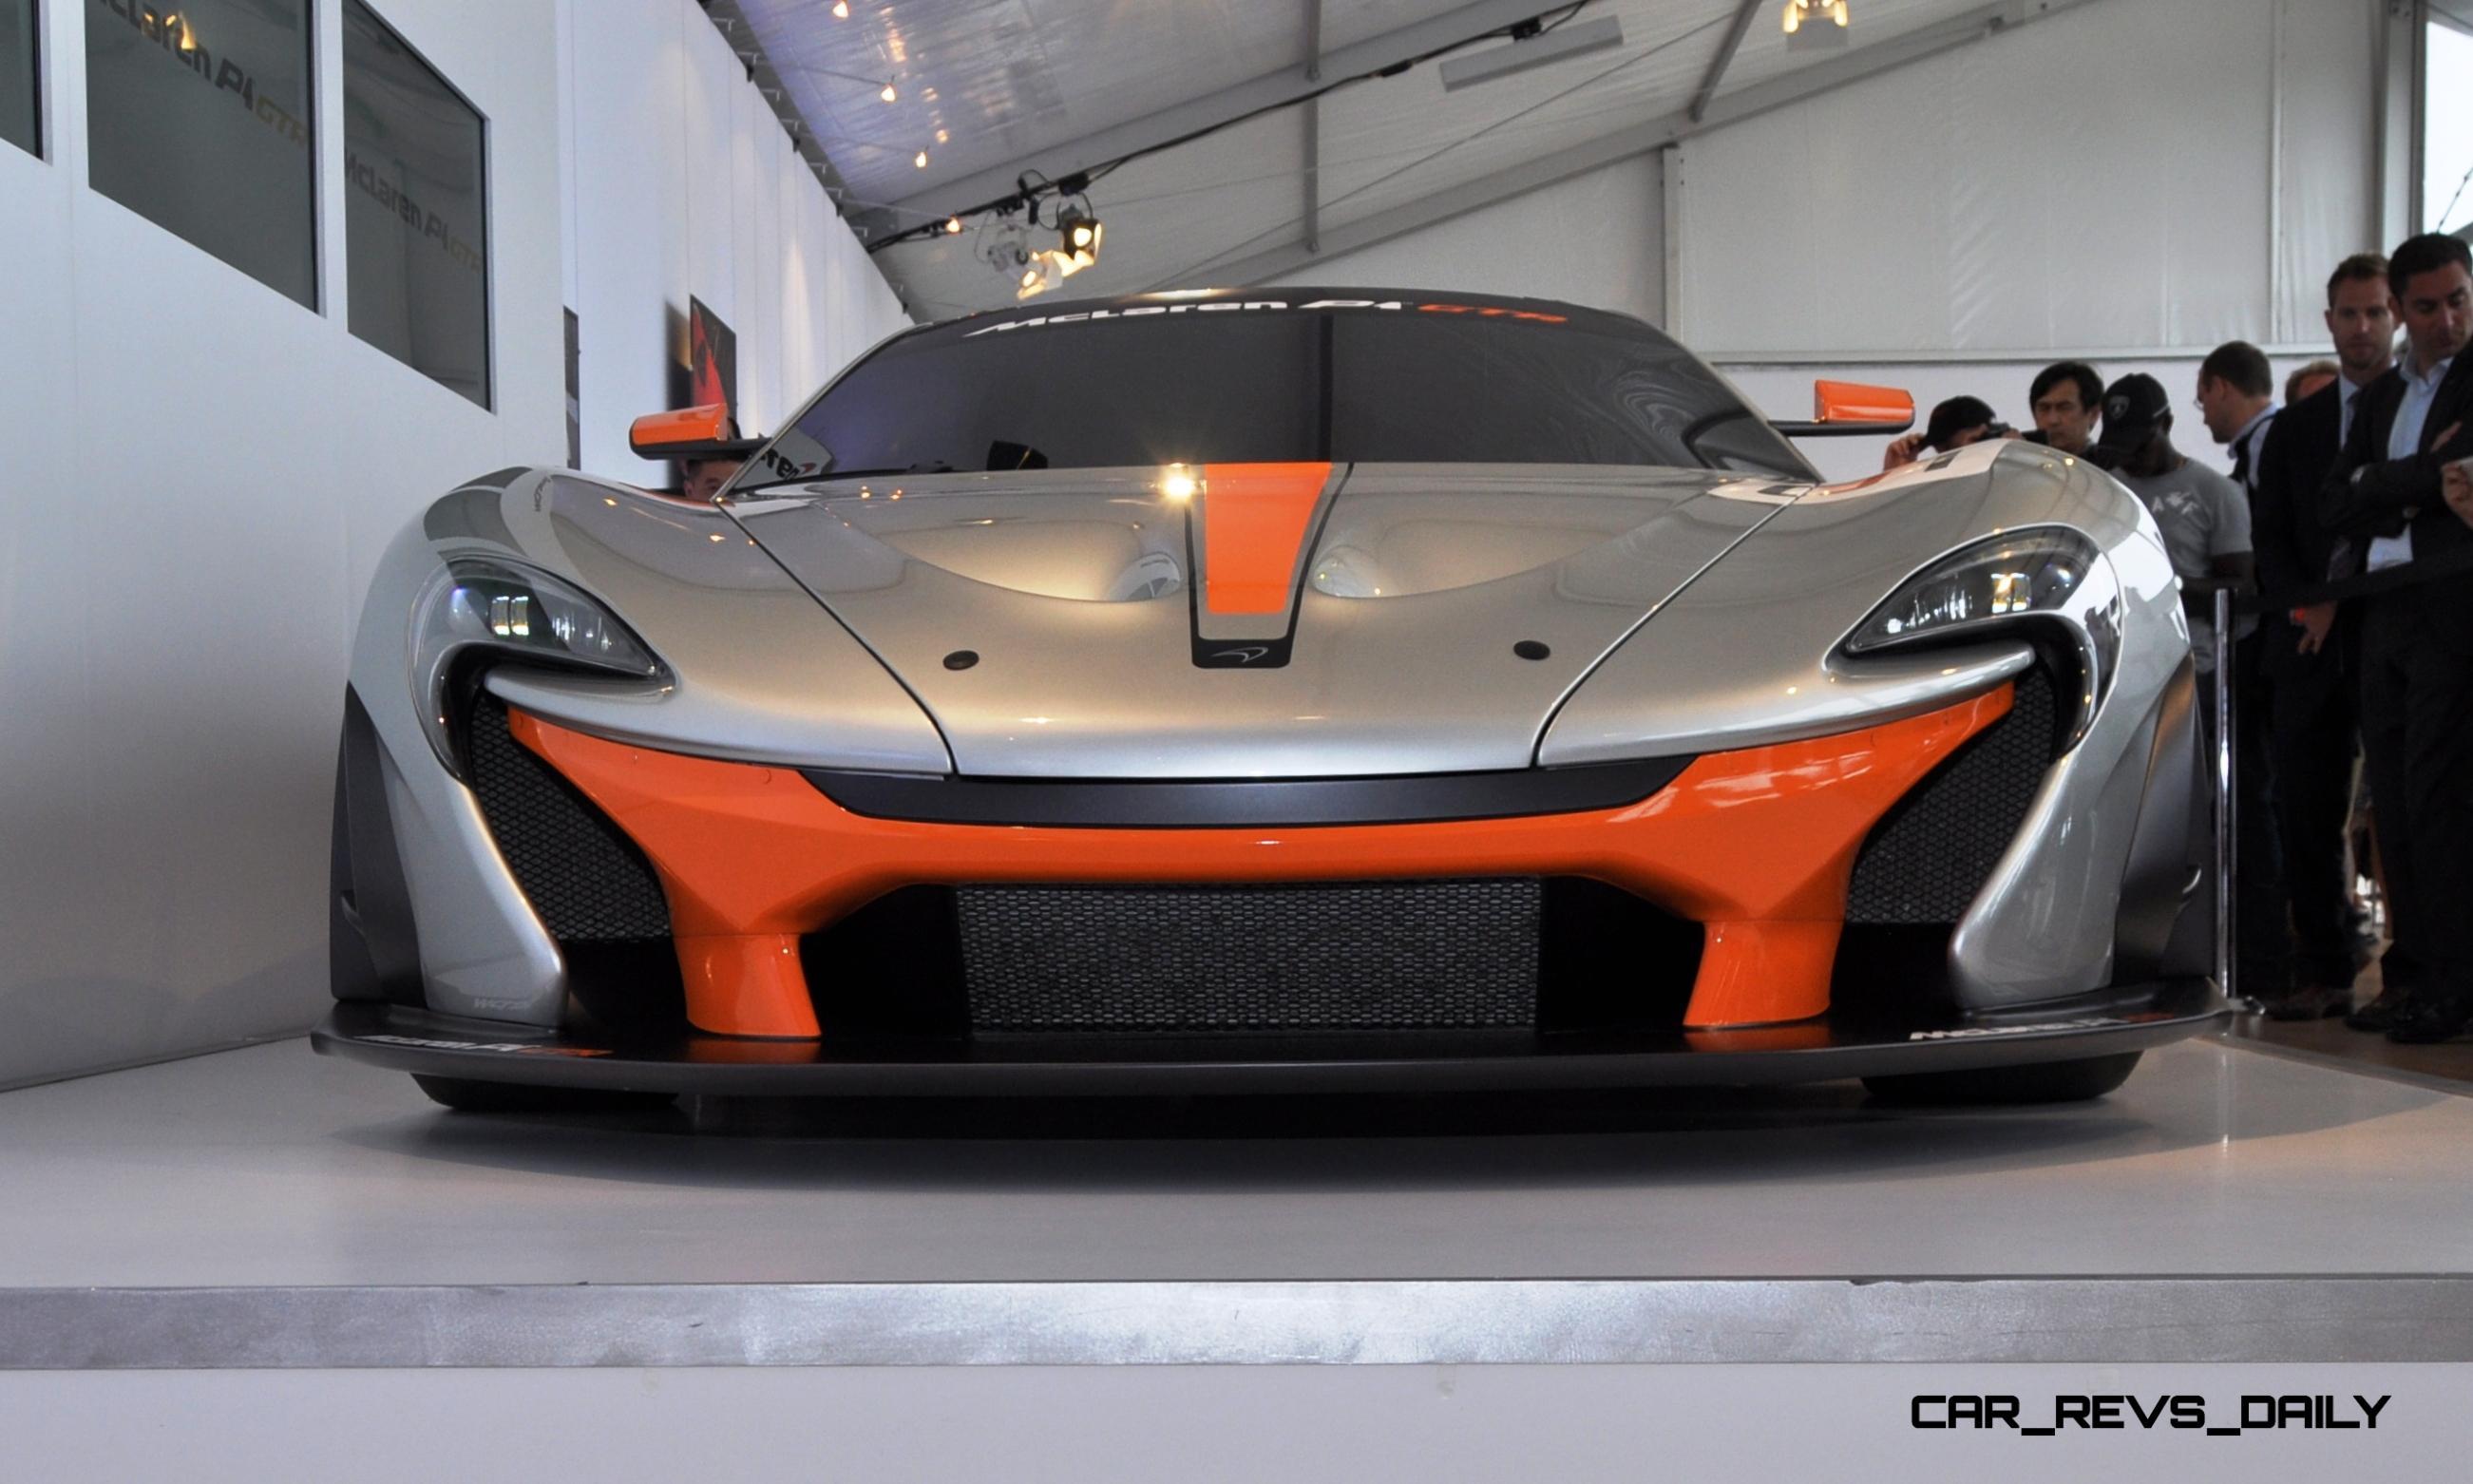 2015 McLaren P1 GTR - Pebble Beach World Debut in 55 High-Res Photos 12